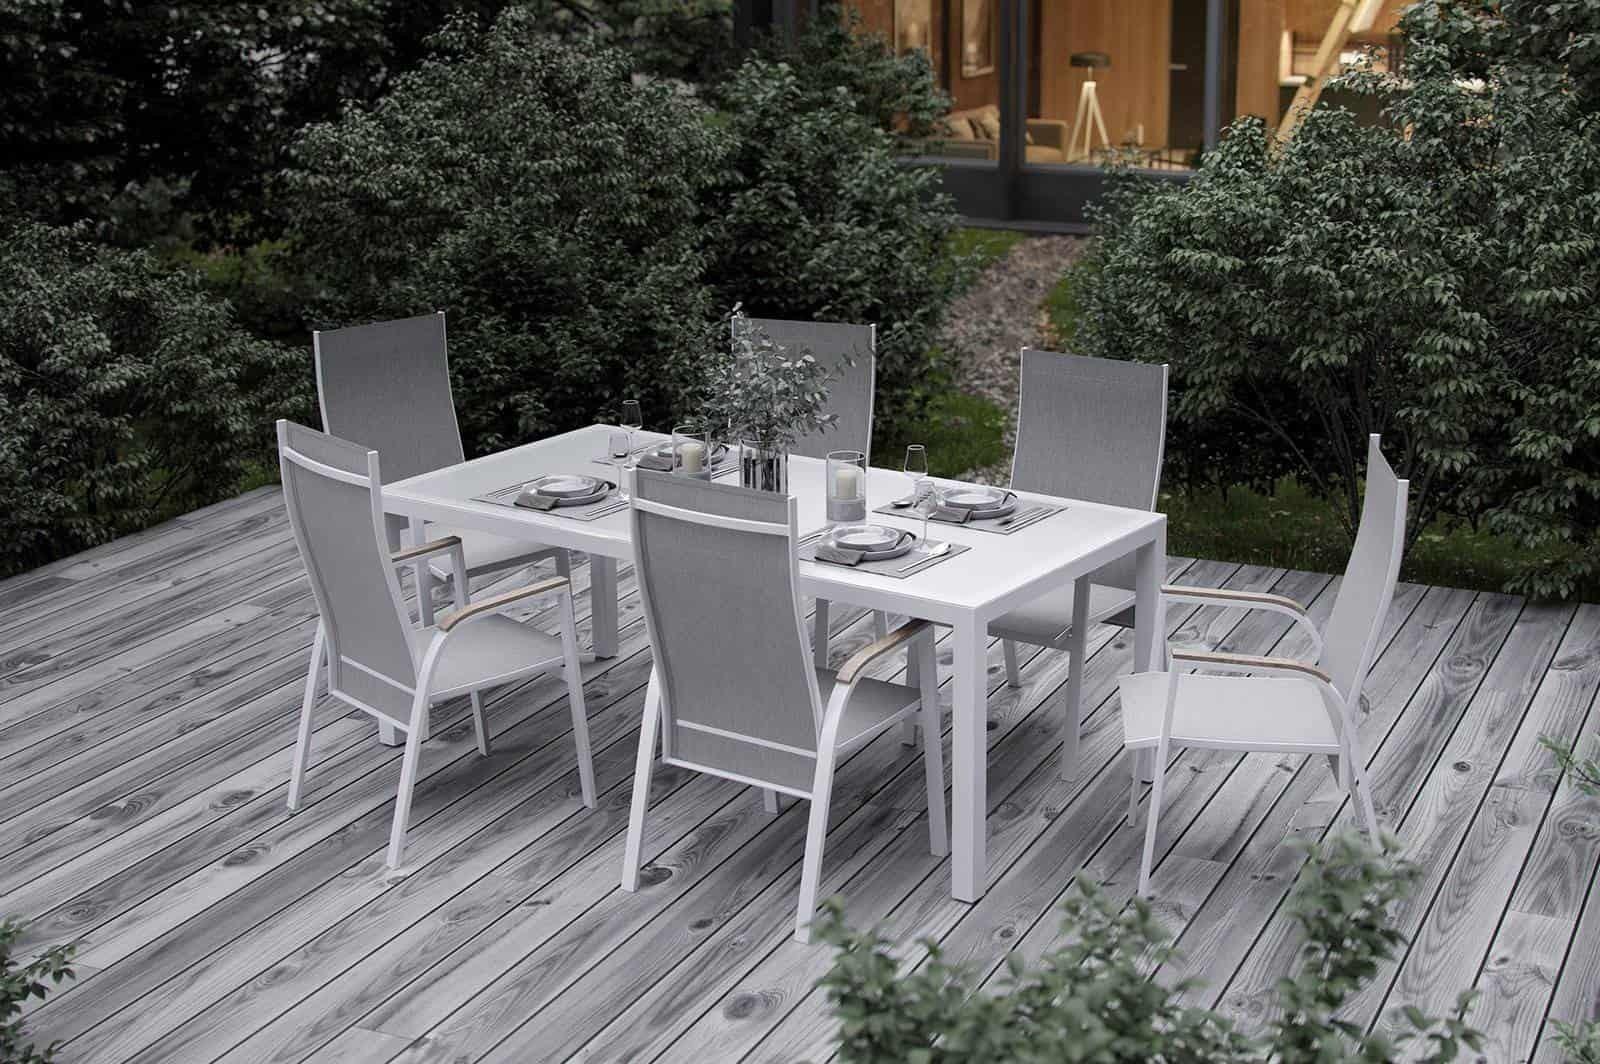 Nowoczesny taras ogrodowy – jak najlepiej go zaprojektować?